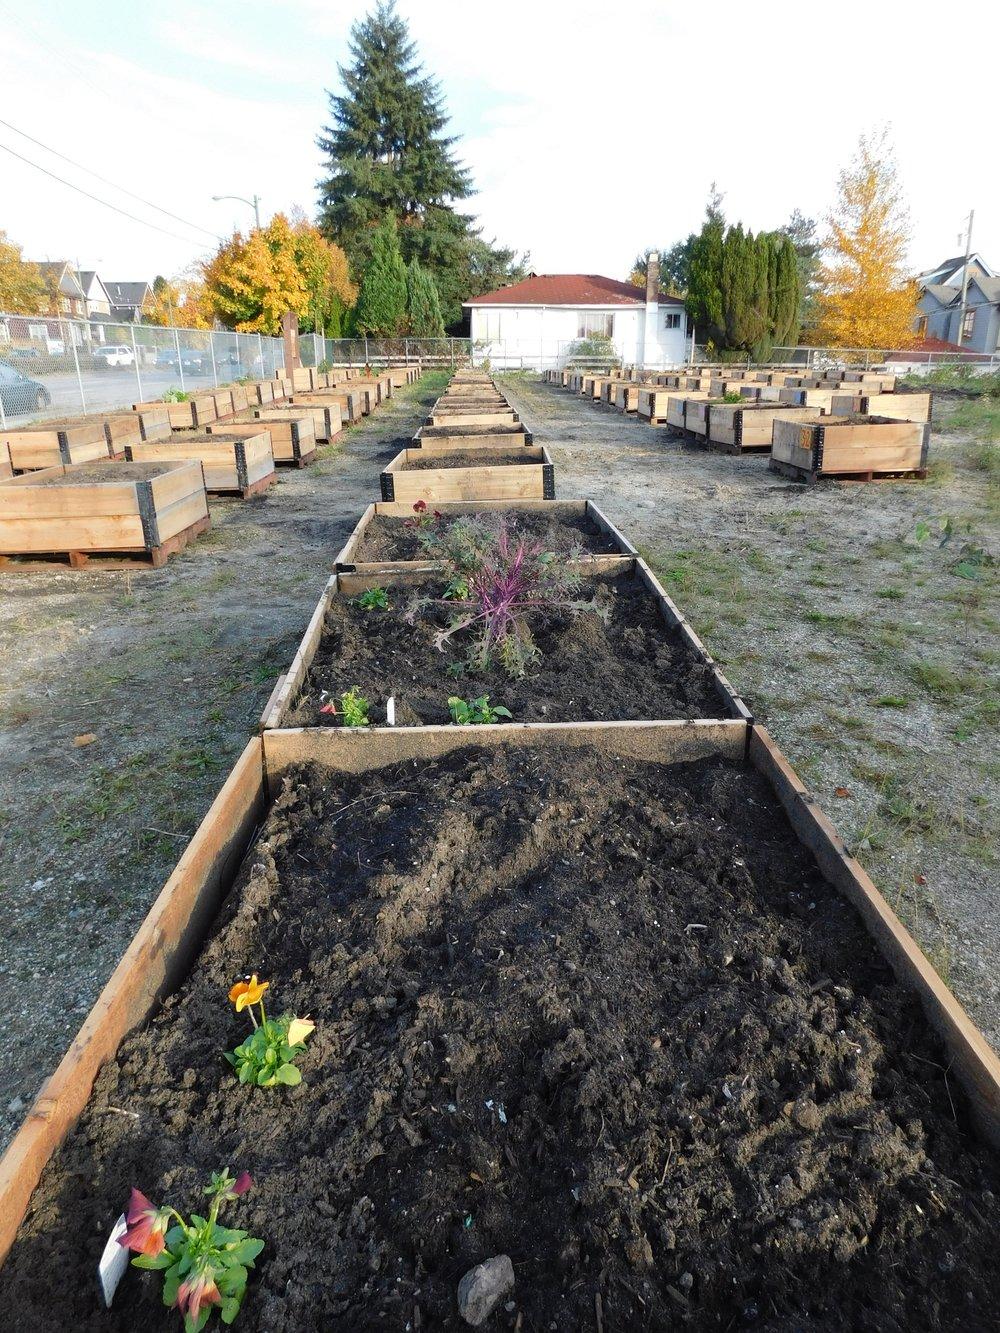 Victoria_Broadway_Vancouver_Community_Garden_Builders-0011.JPG